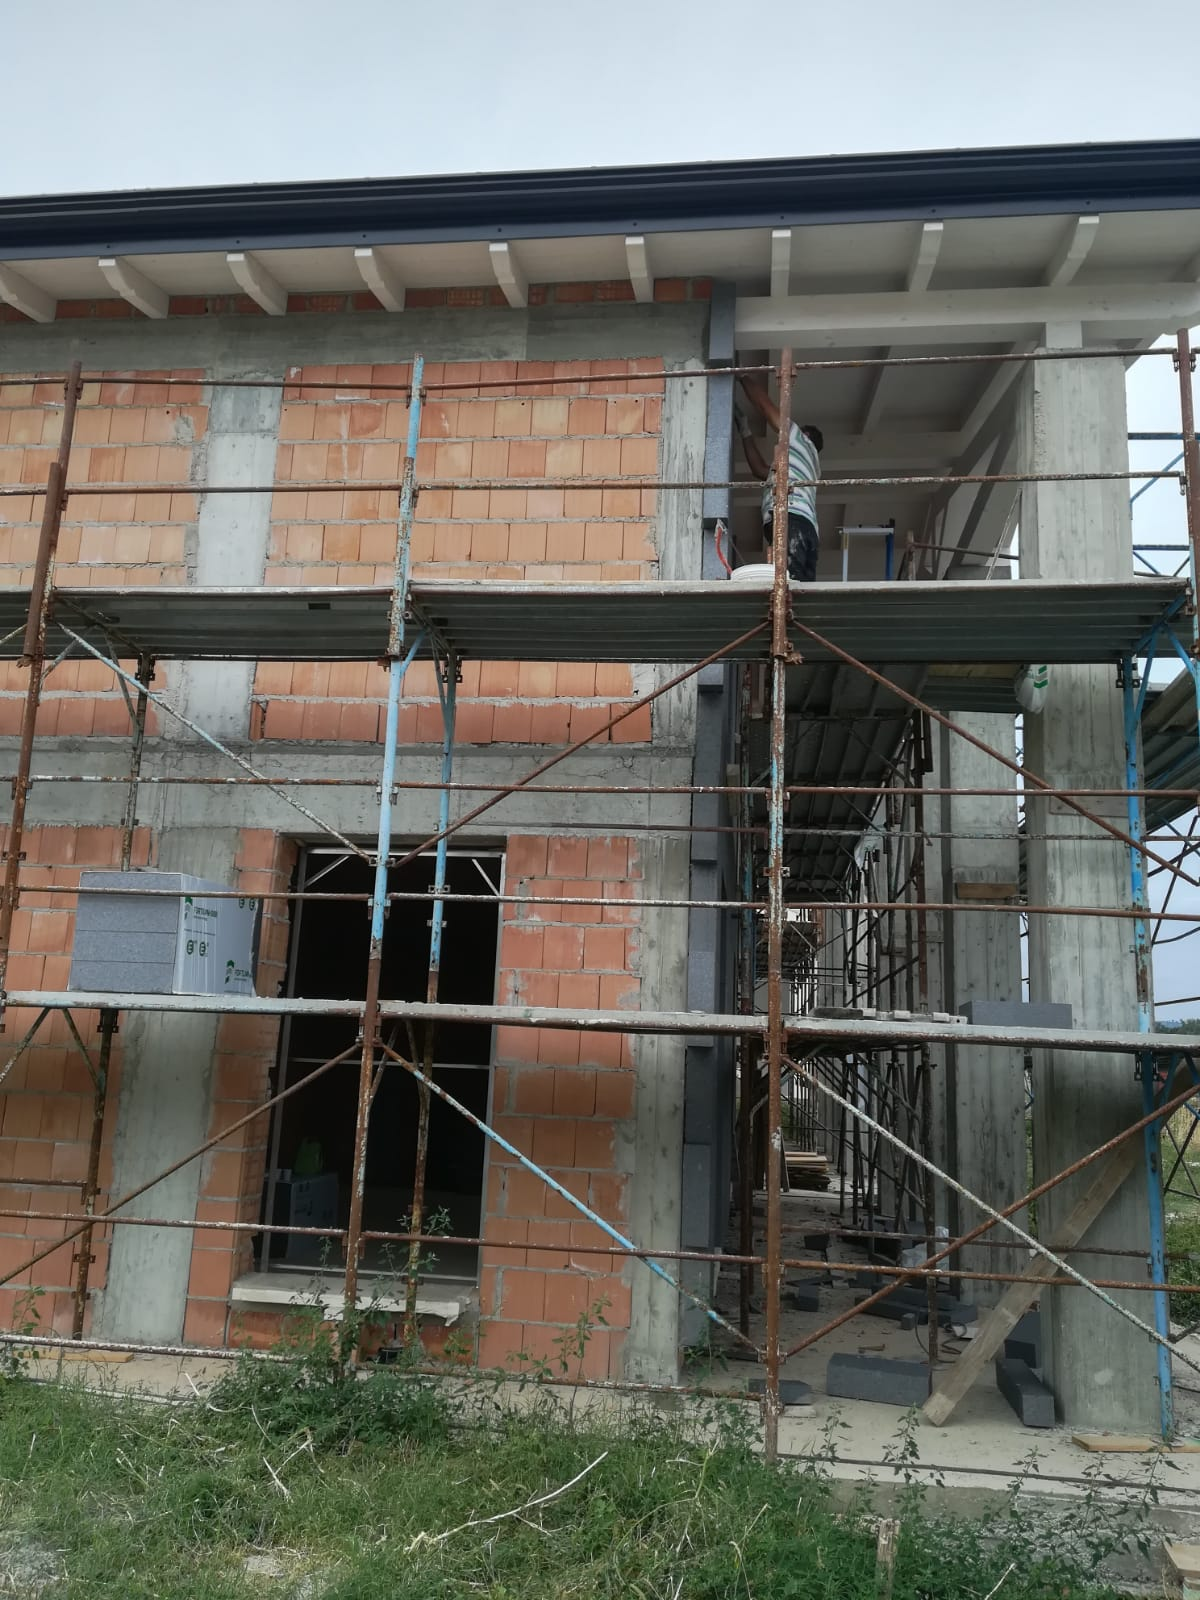 ponteggio edil 900 costruzioni canossa val d'enza reggio emilia parma